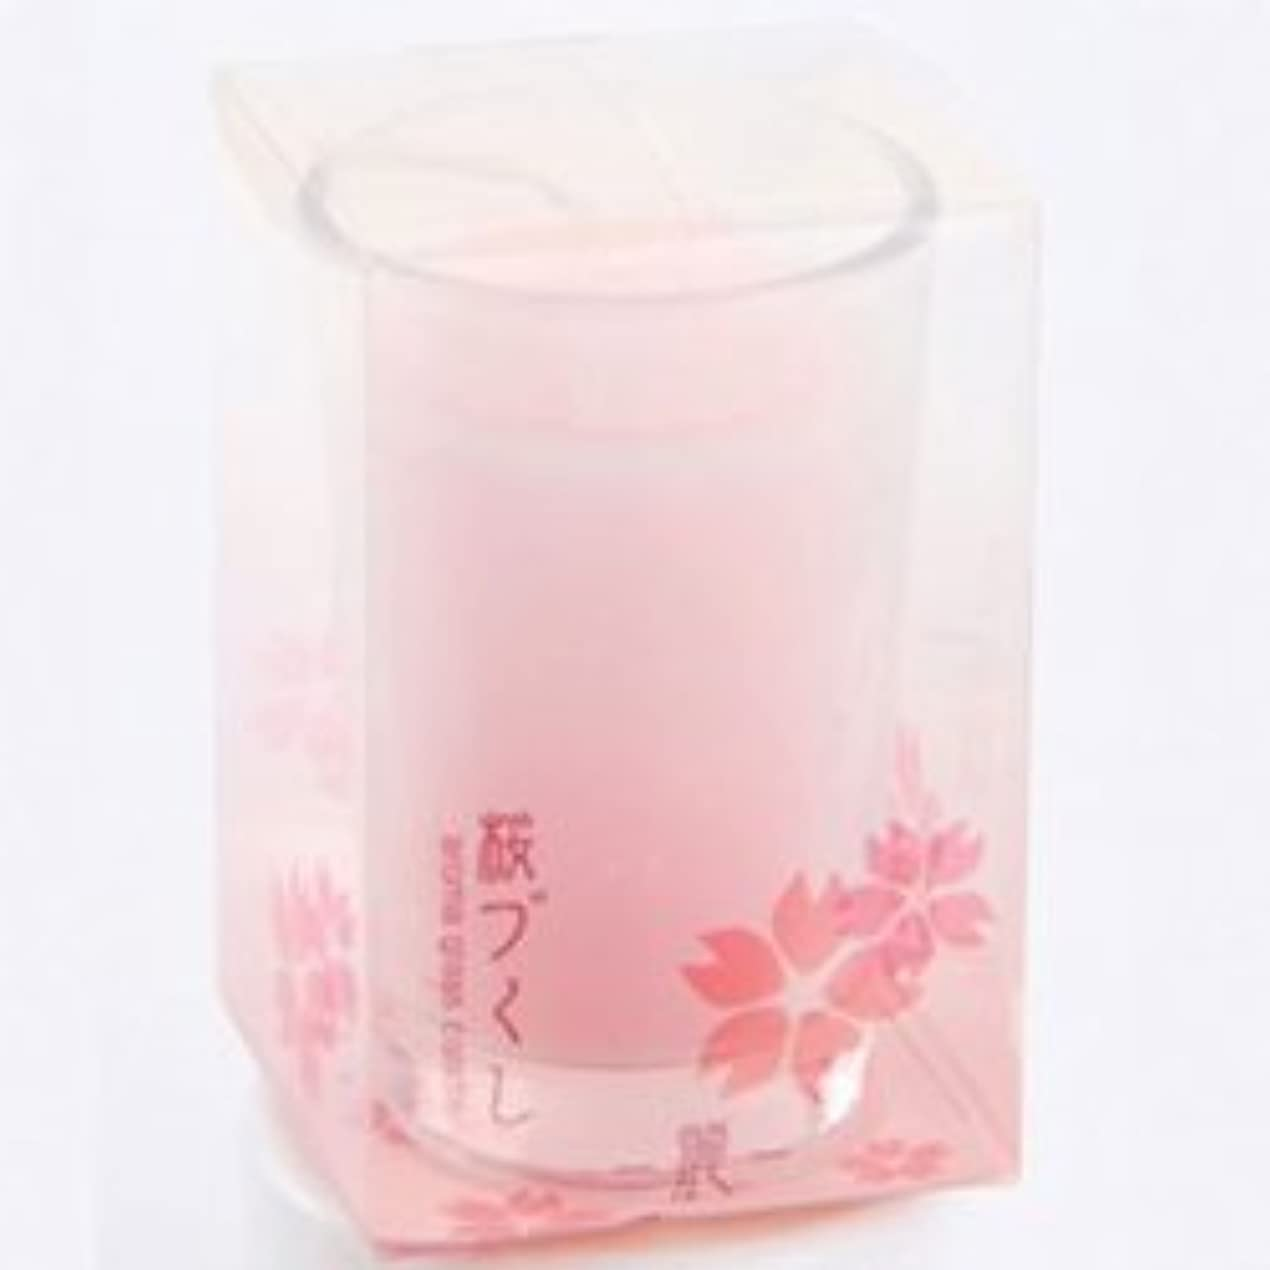 間違いなく摂氏度まぶしさグラスキャンドル 桜づくし 麗